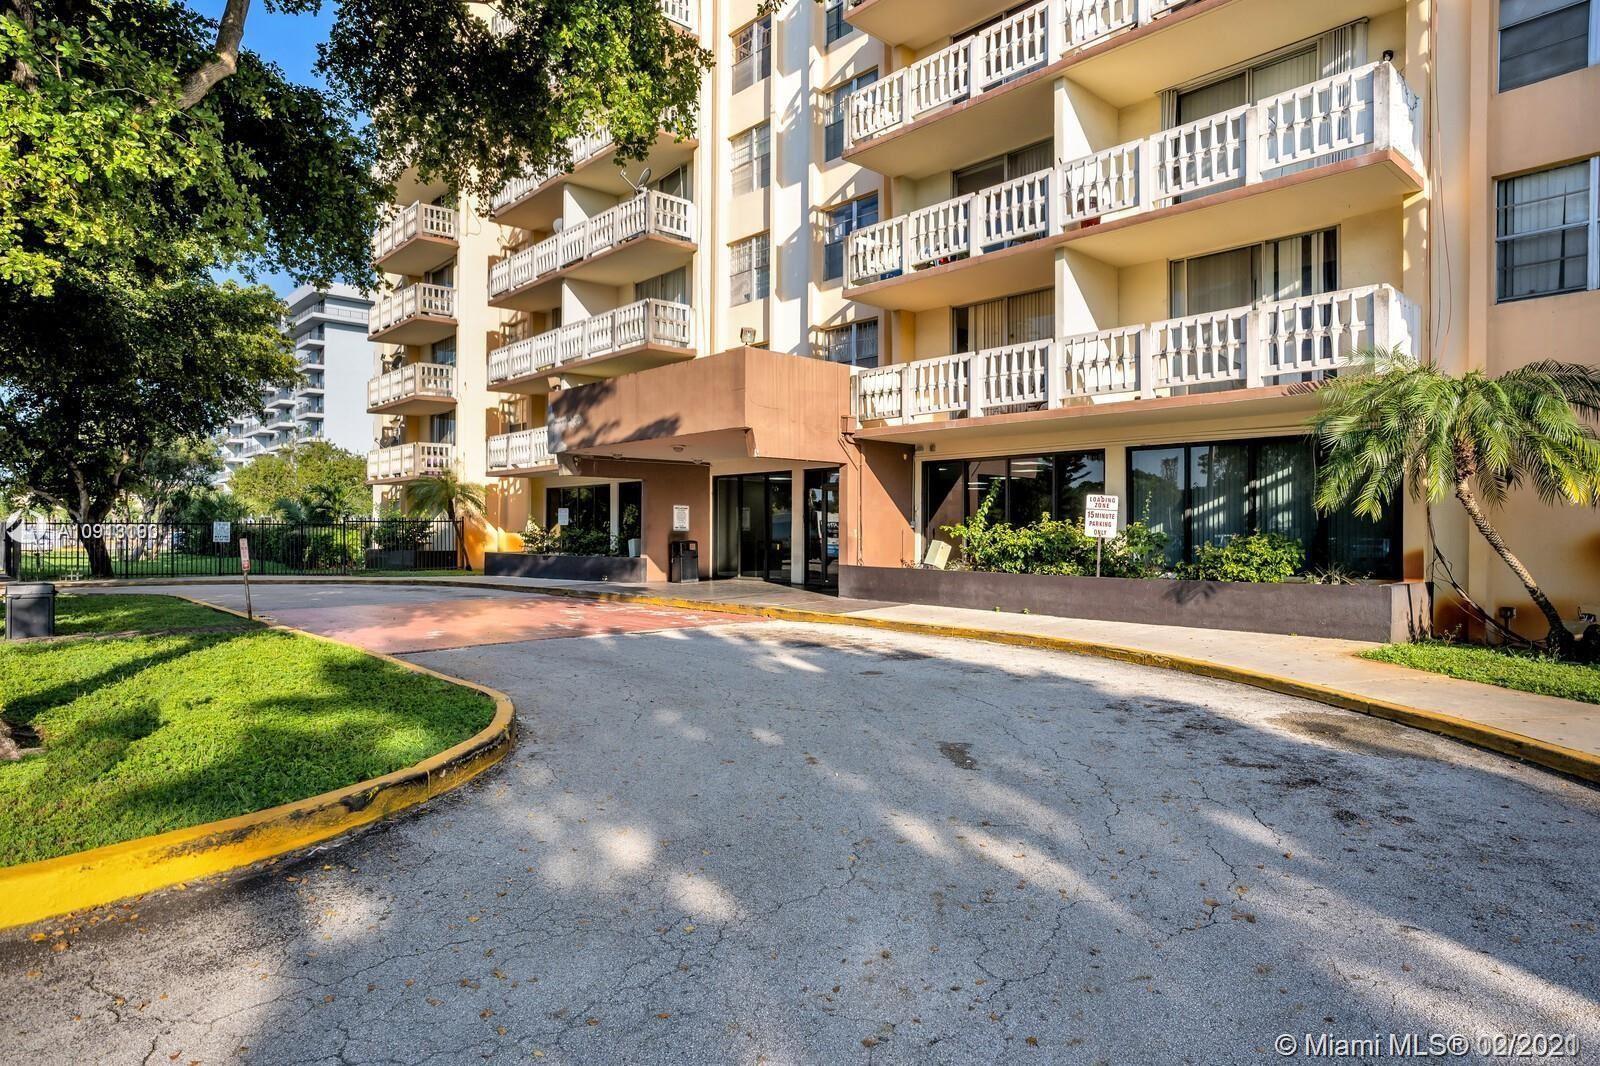 15600 NW 7th Ave #821, Miami, FL 33169 - #: A10918190